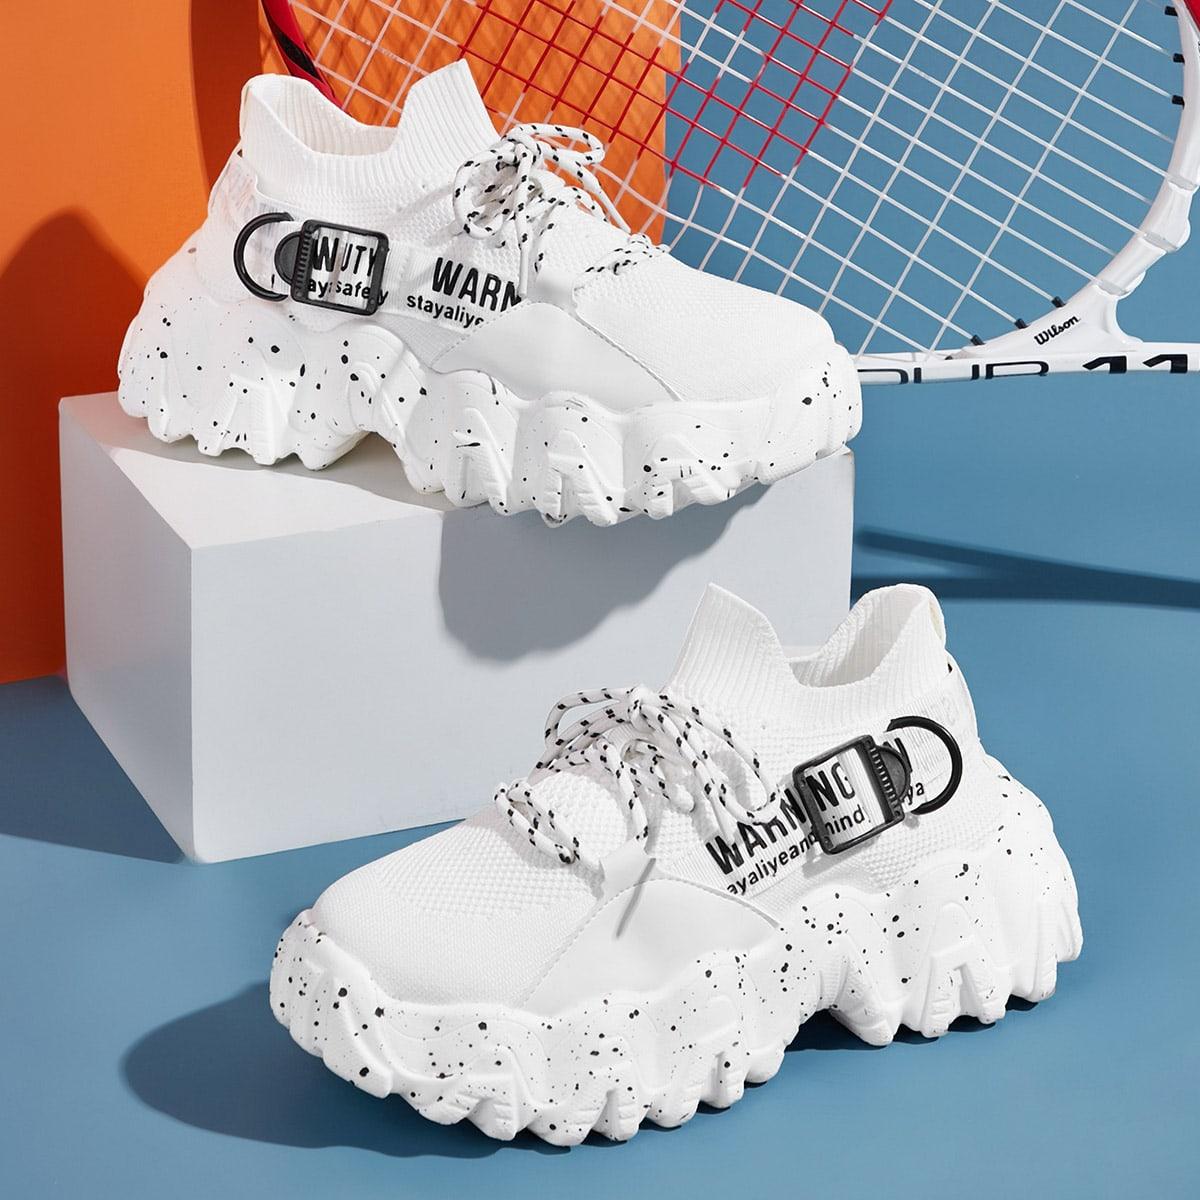 Кроссовки на платформе и шнурках с текстовым принтом от SHEIN